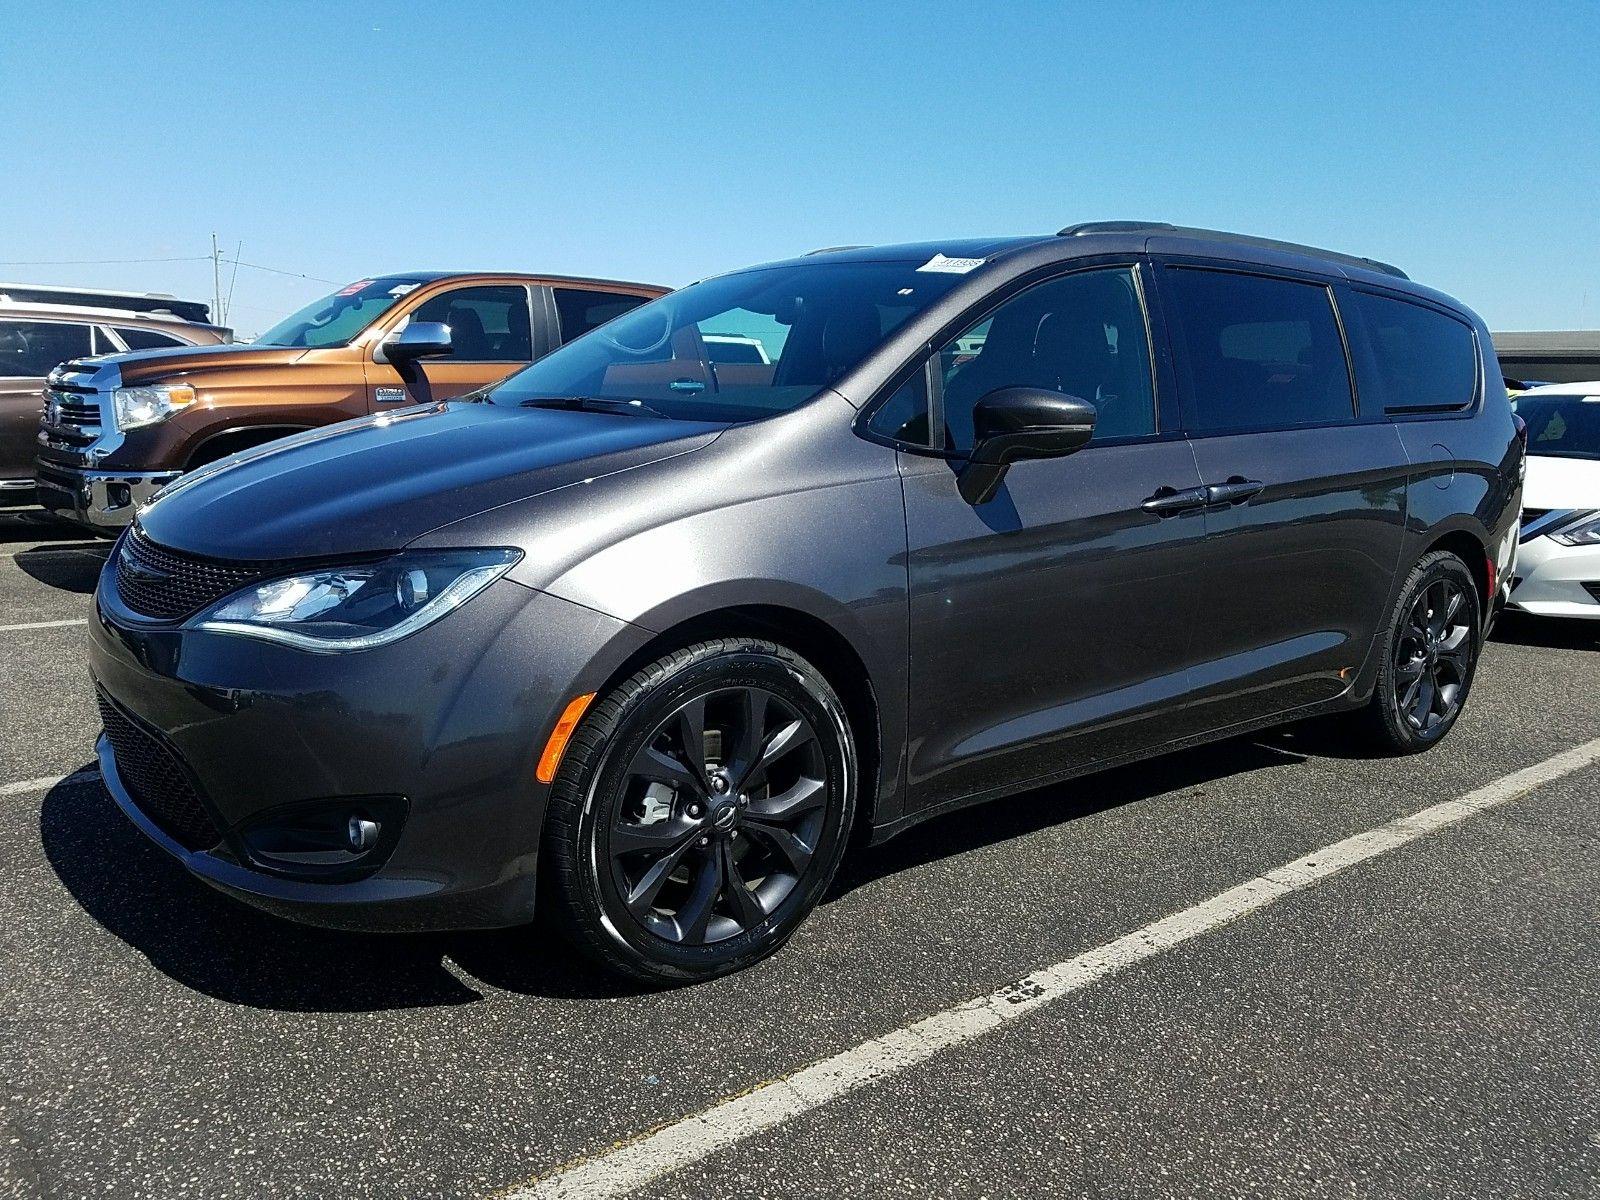 2019 Chrysler Pacifica 3.6. Lot 99915807866 Vin 2C4RC1GG4KR720398